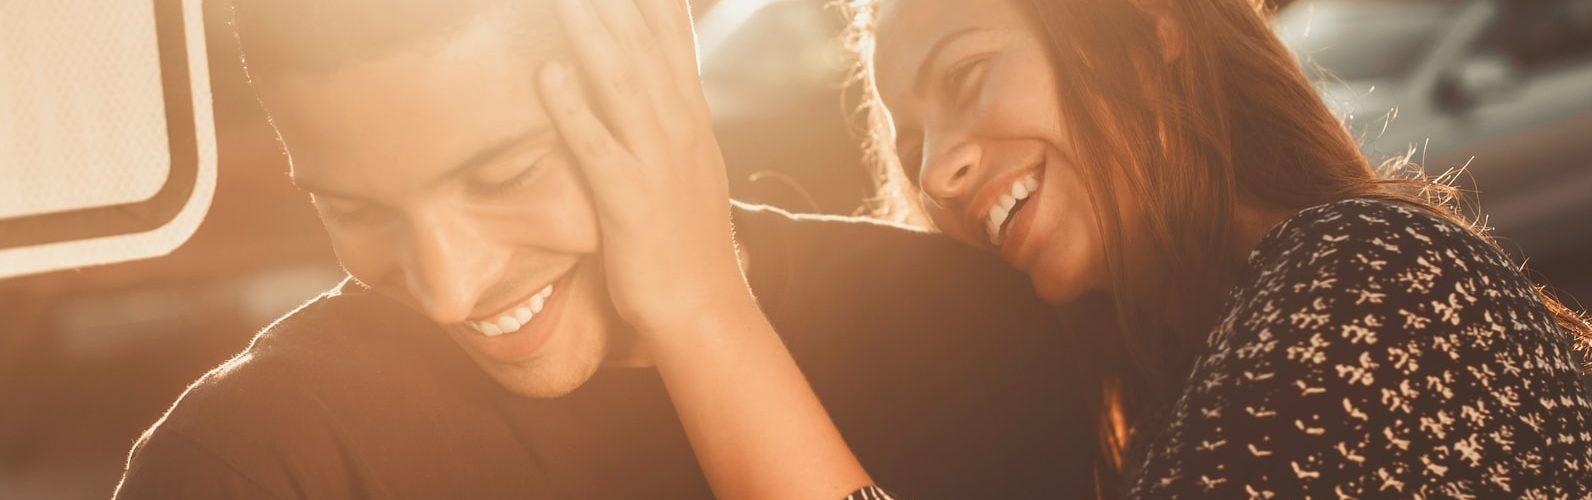 koppel-blij-relatie